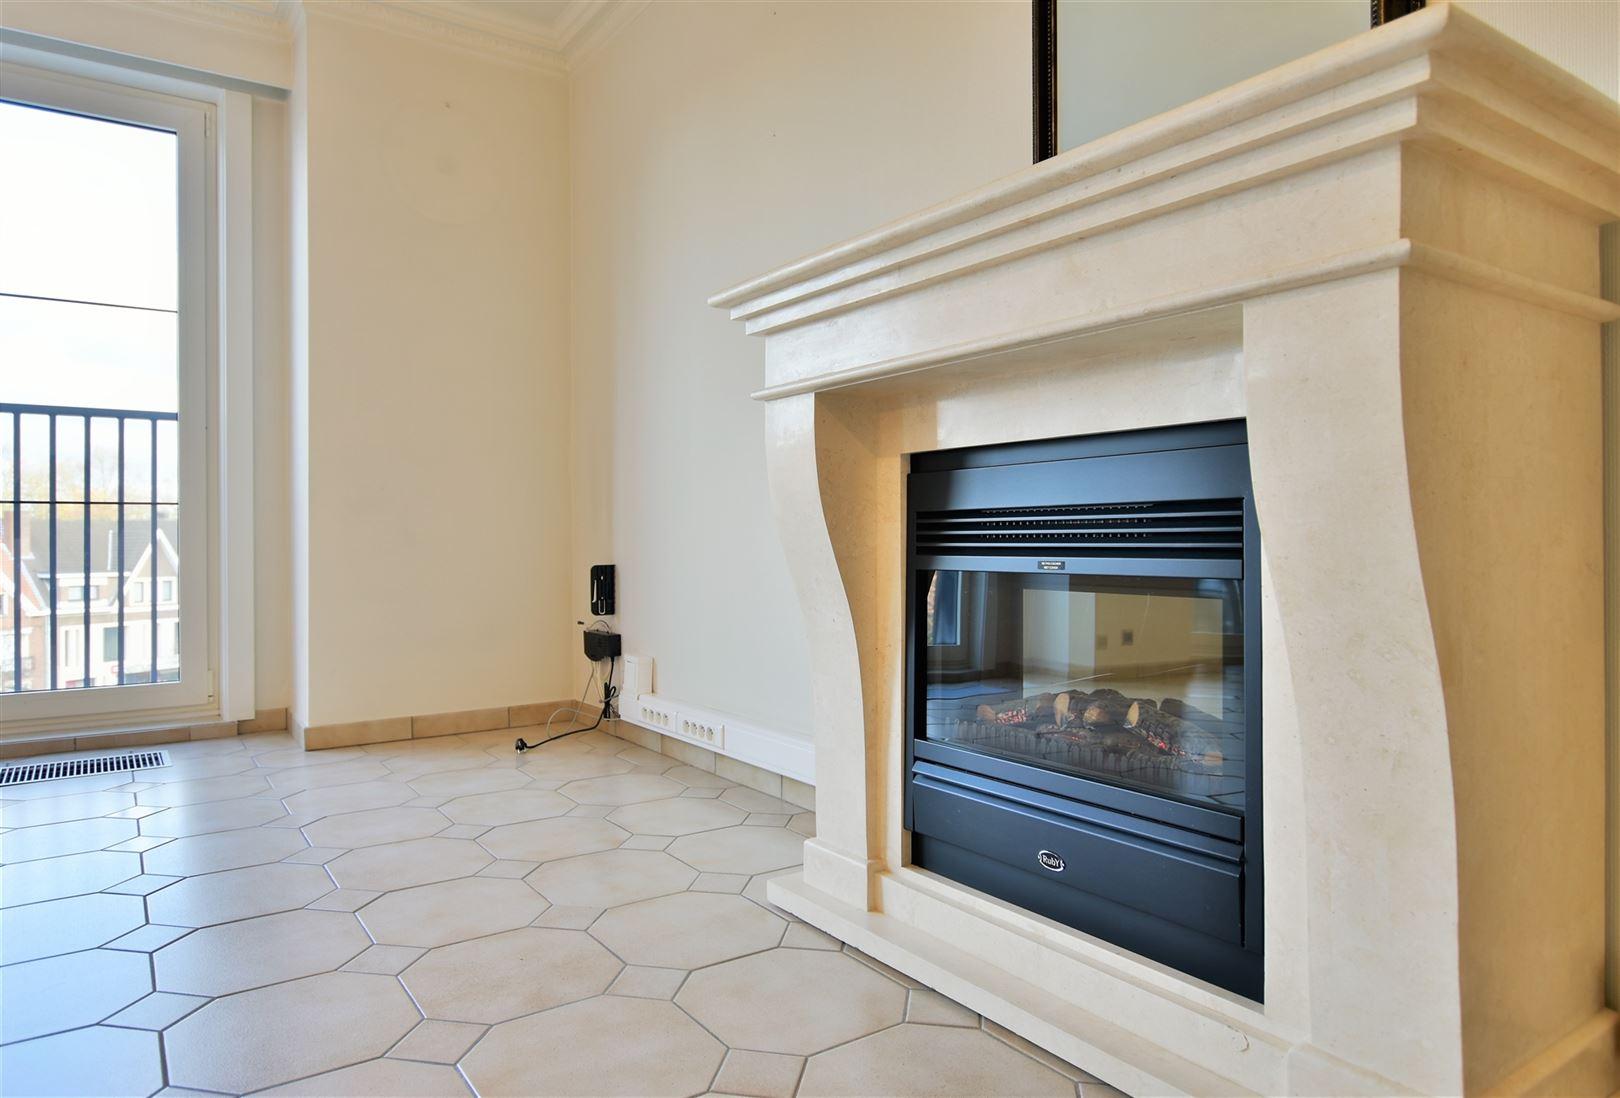 Foto 3 : Appartement te 9240 ZELE (België) - Prijs € 299.000